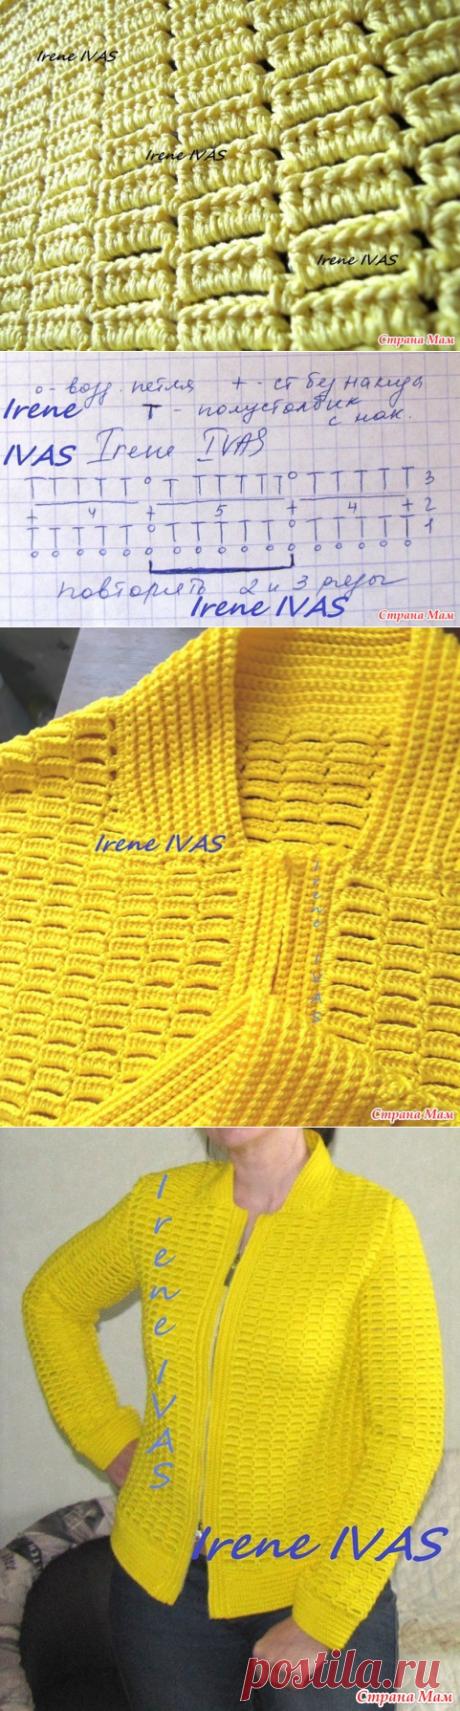 Лимонная куртка-бомбер (пилот) крючком - Вязание - Страна Мам